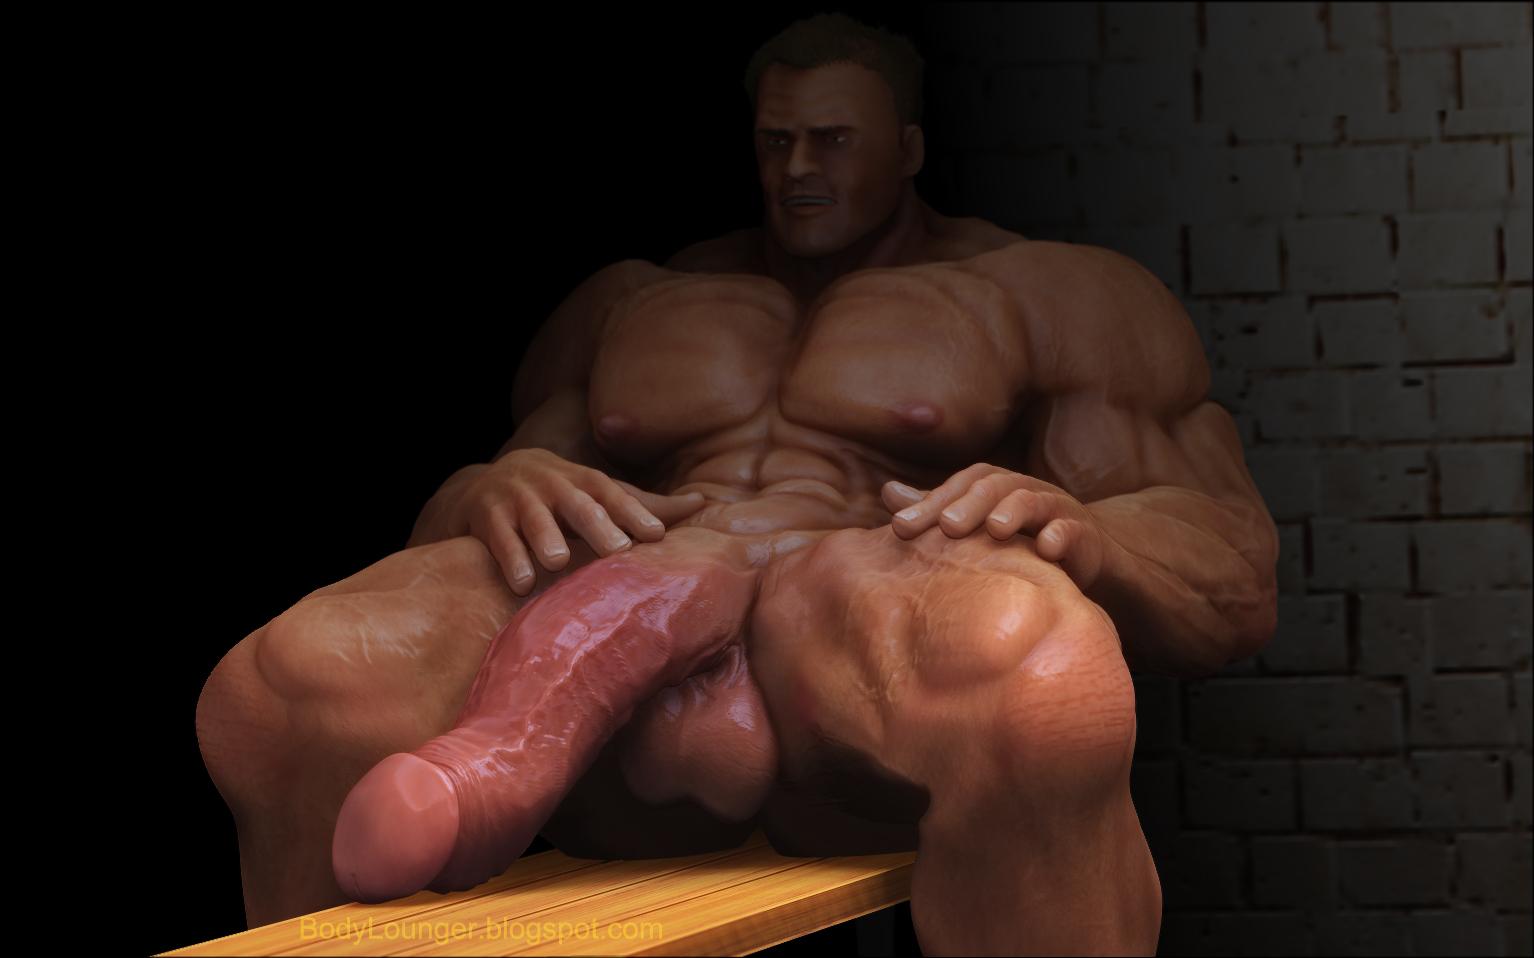 Extreme fetish art